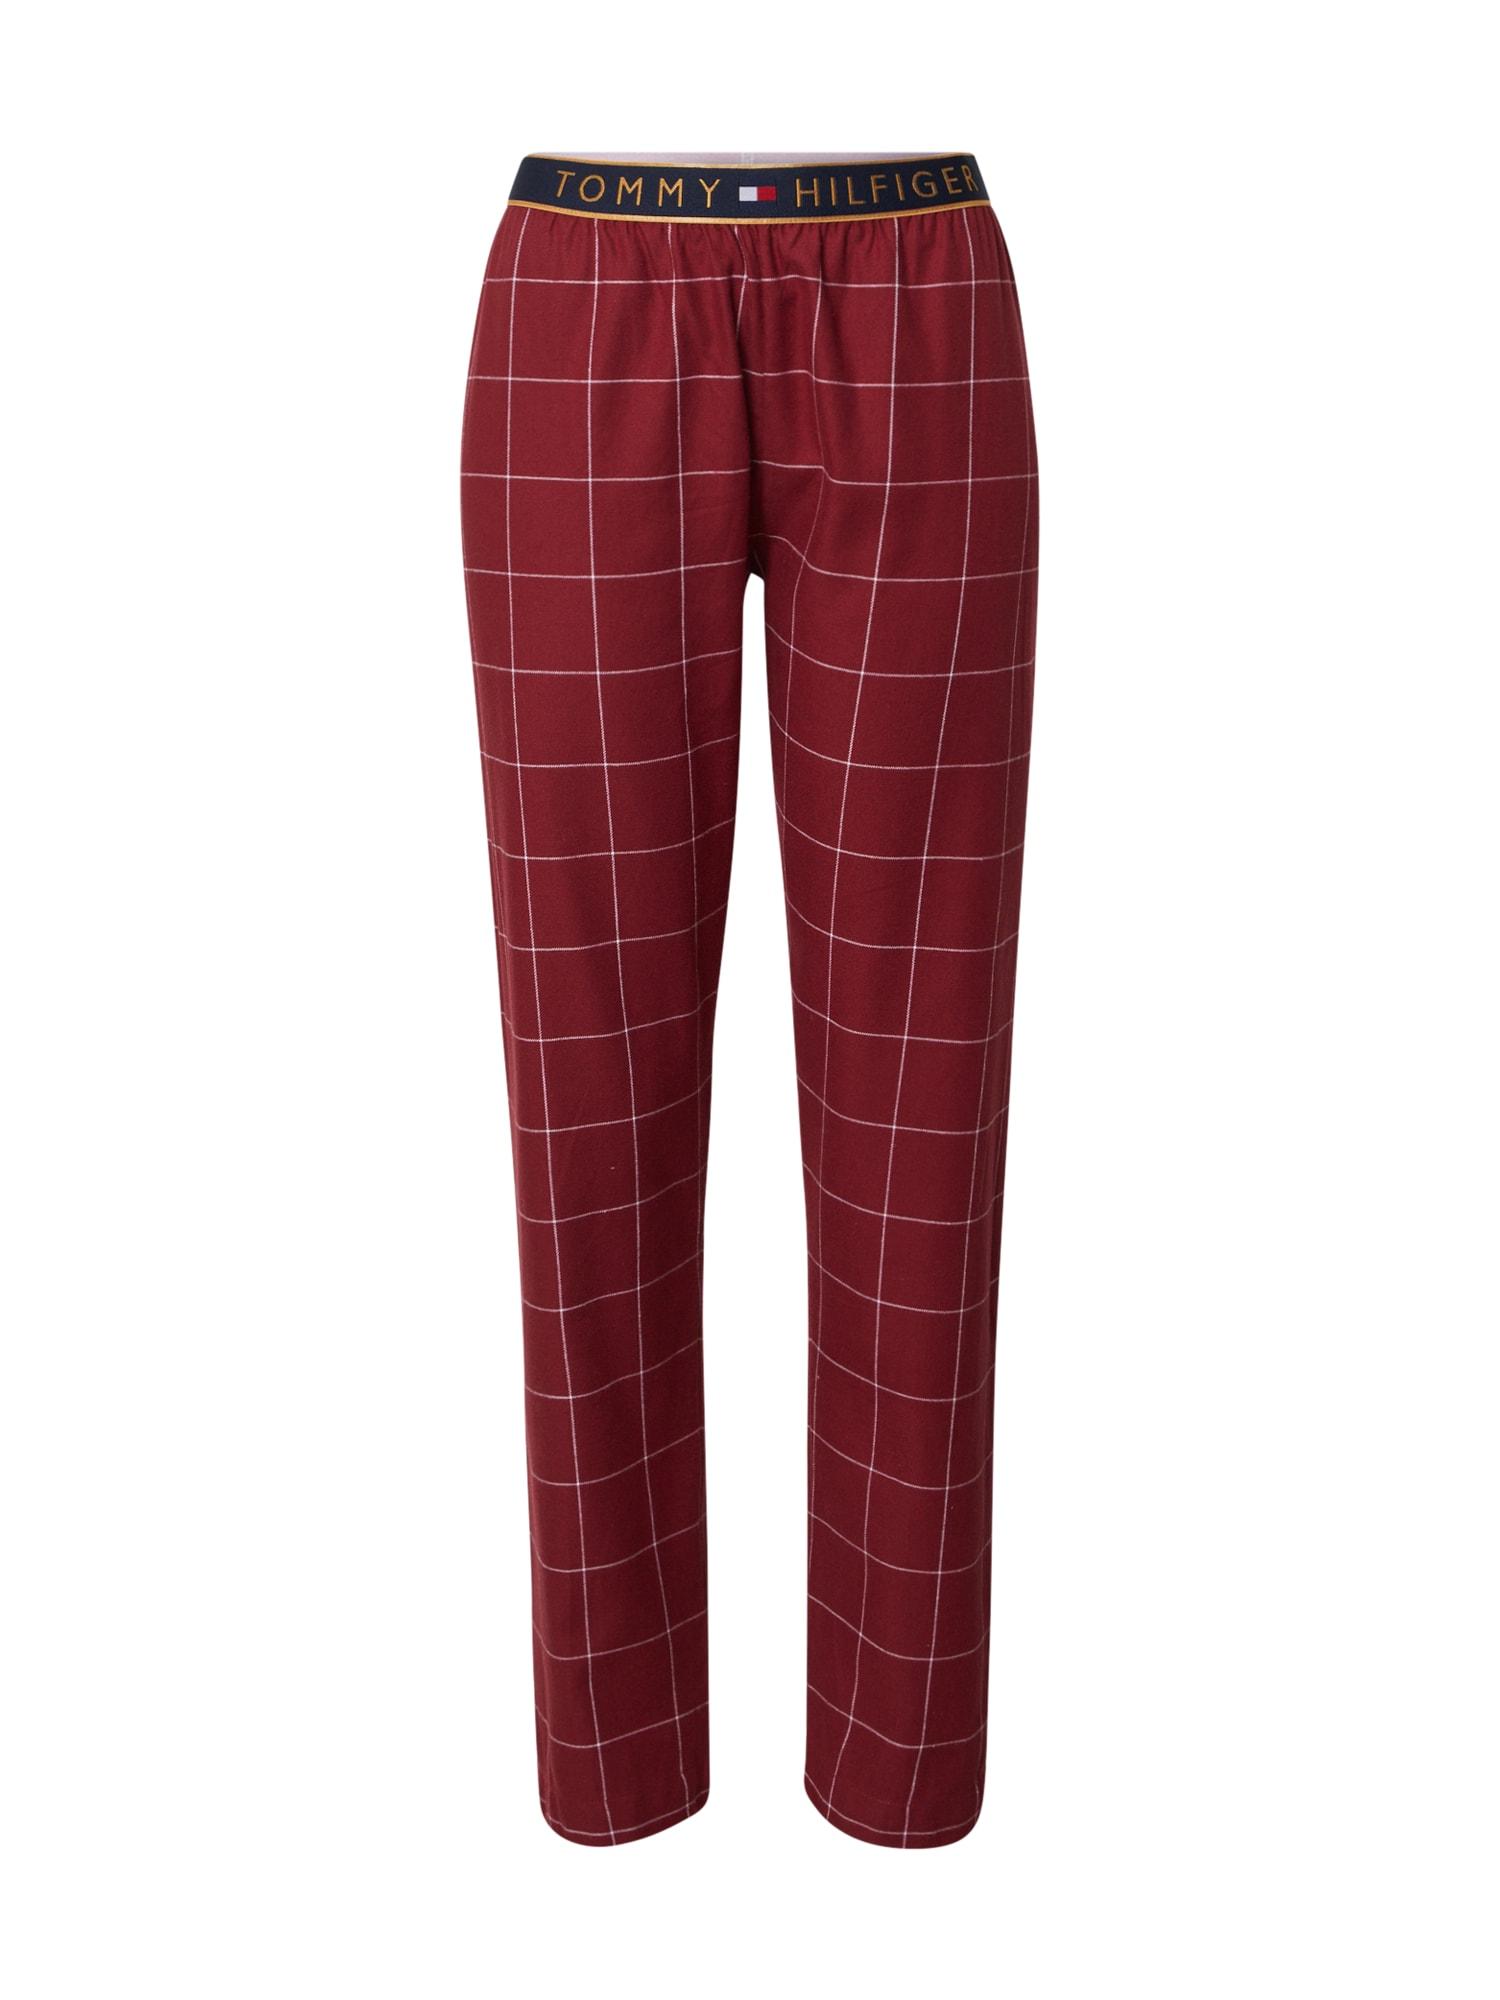 Tommy Hilfiger Underwear Pižaminės kelnės skaisti avietinė ar rubino spalva